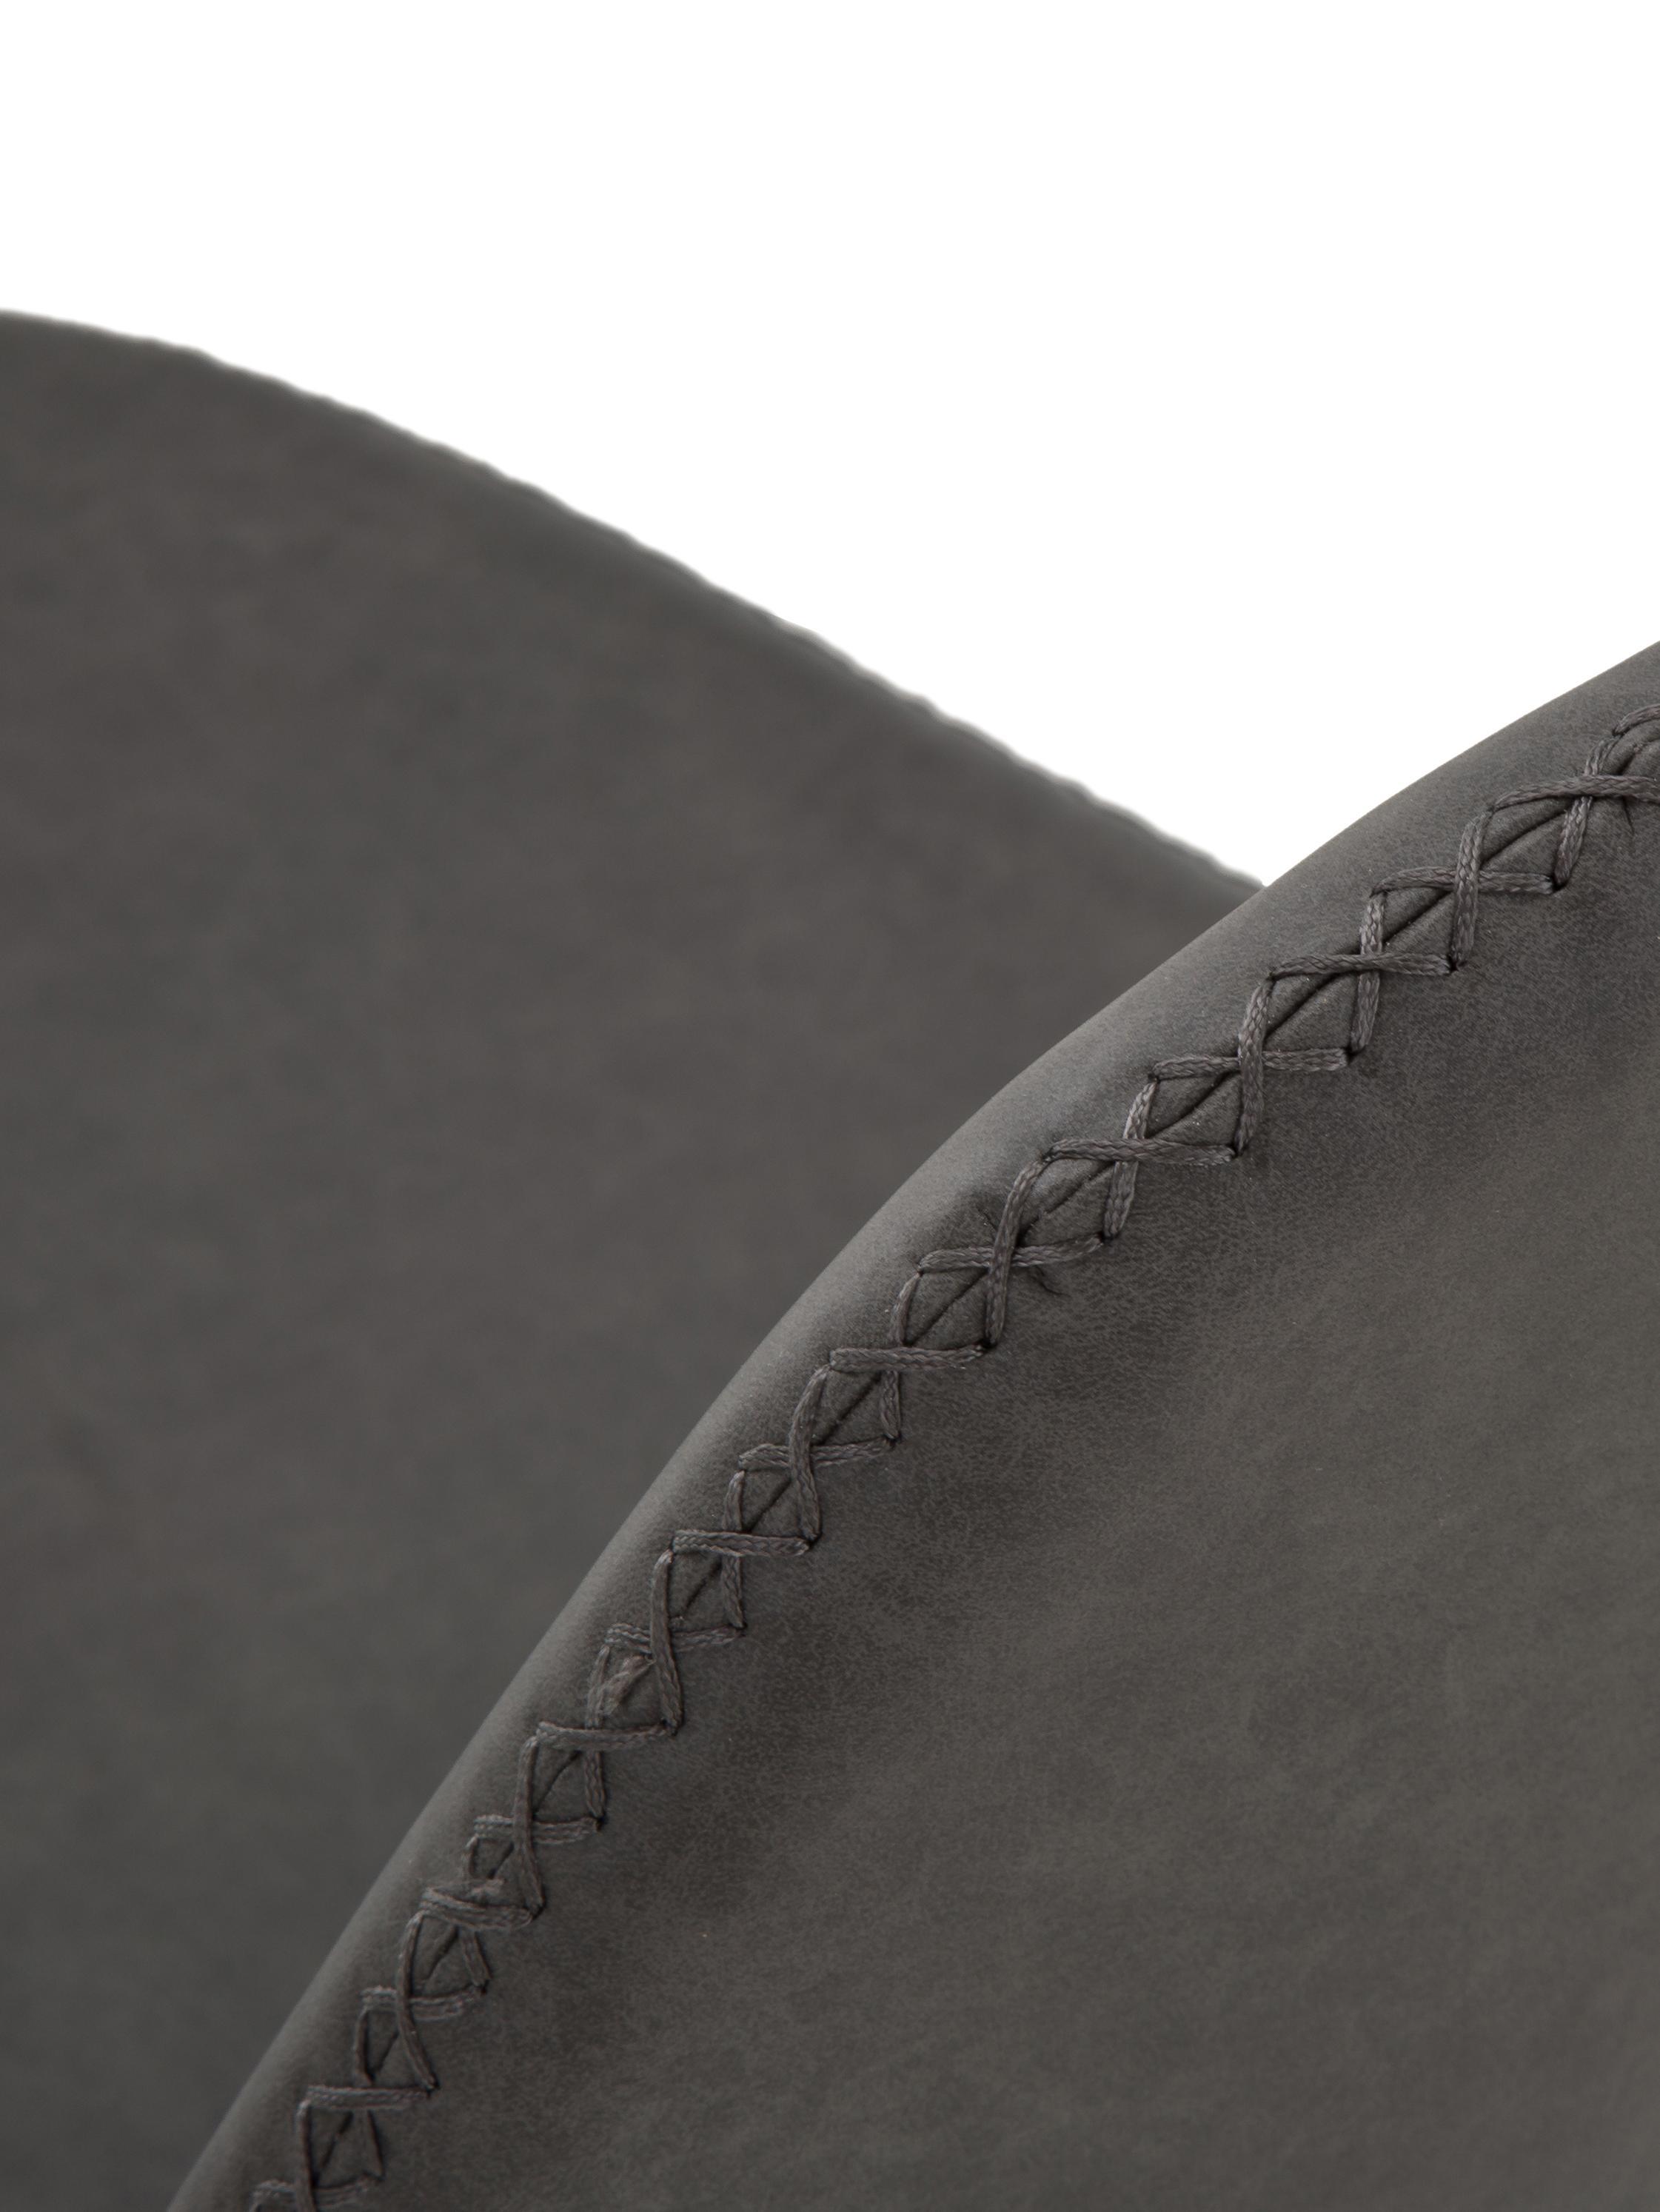 Kunstleder-Polsterstühle Linus, 2 Stück, Bezug: Kunstleder (65% Polyethyl, Beine: Metall, pulverbeschichtet, Dunkelgrau, B 41 x T 53 cm